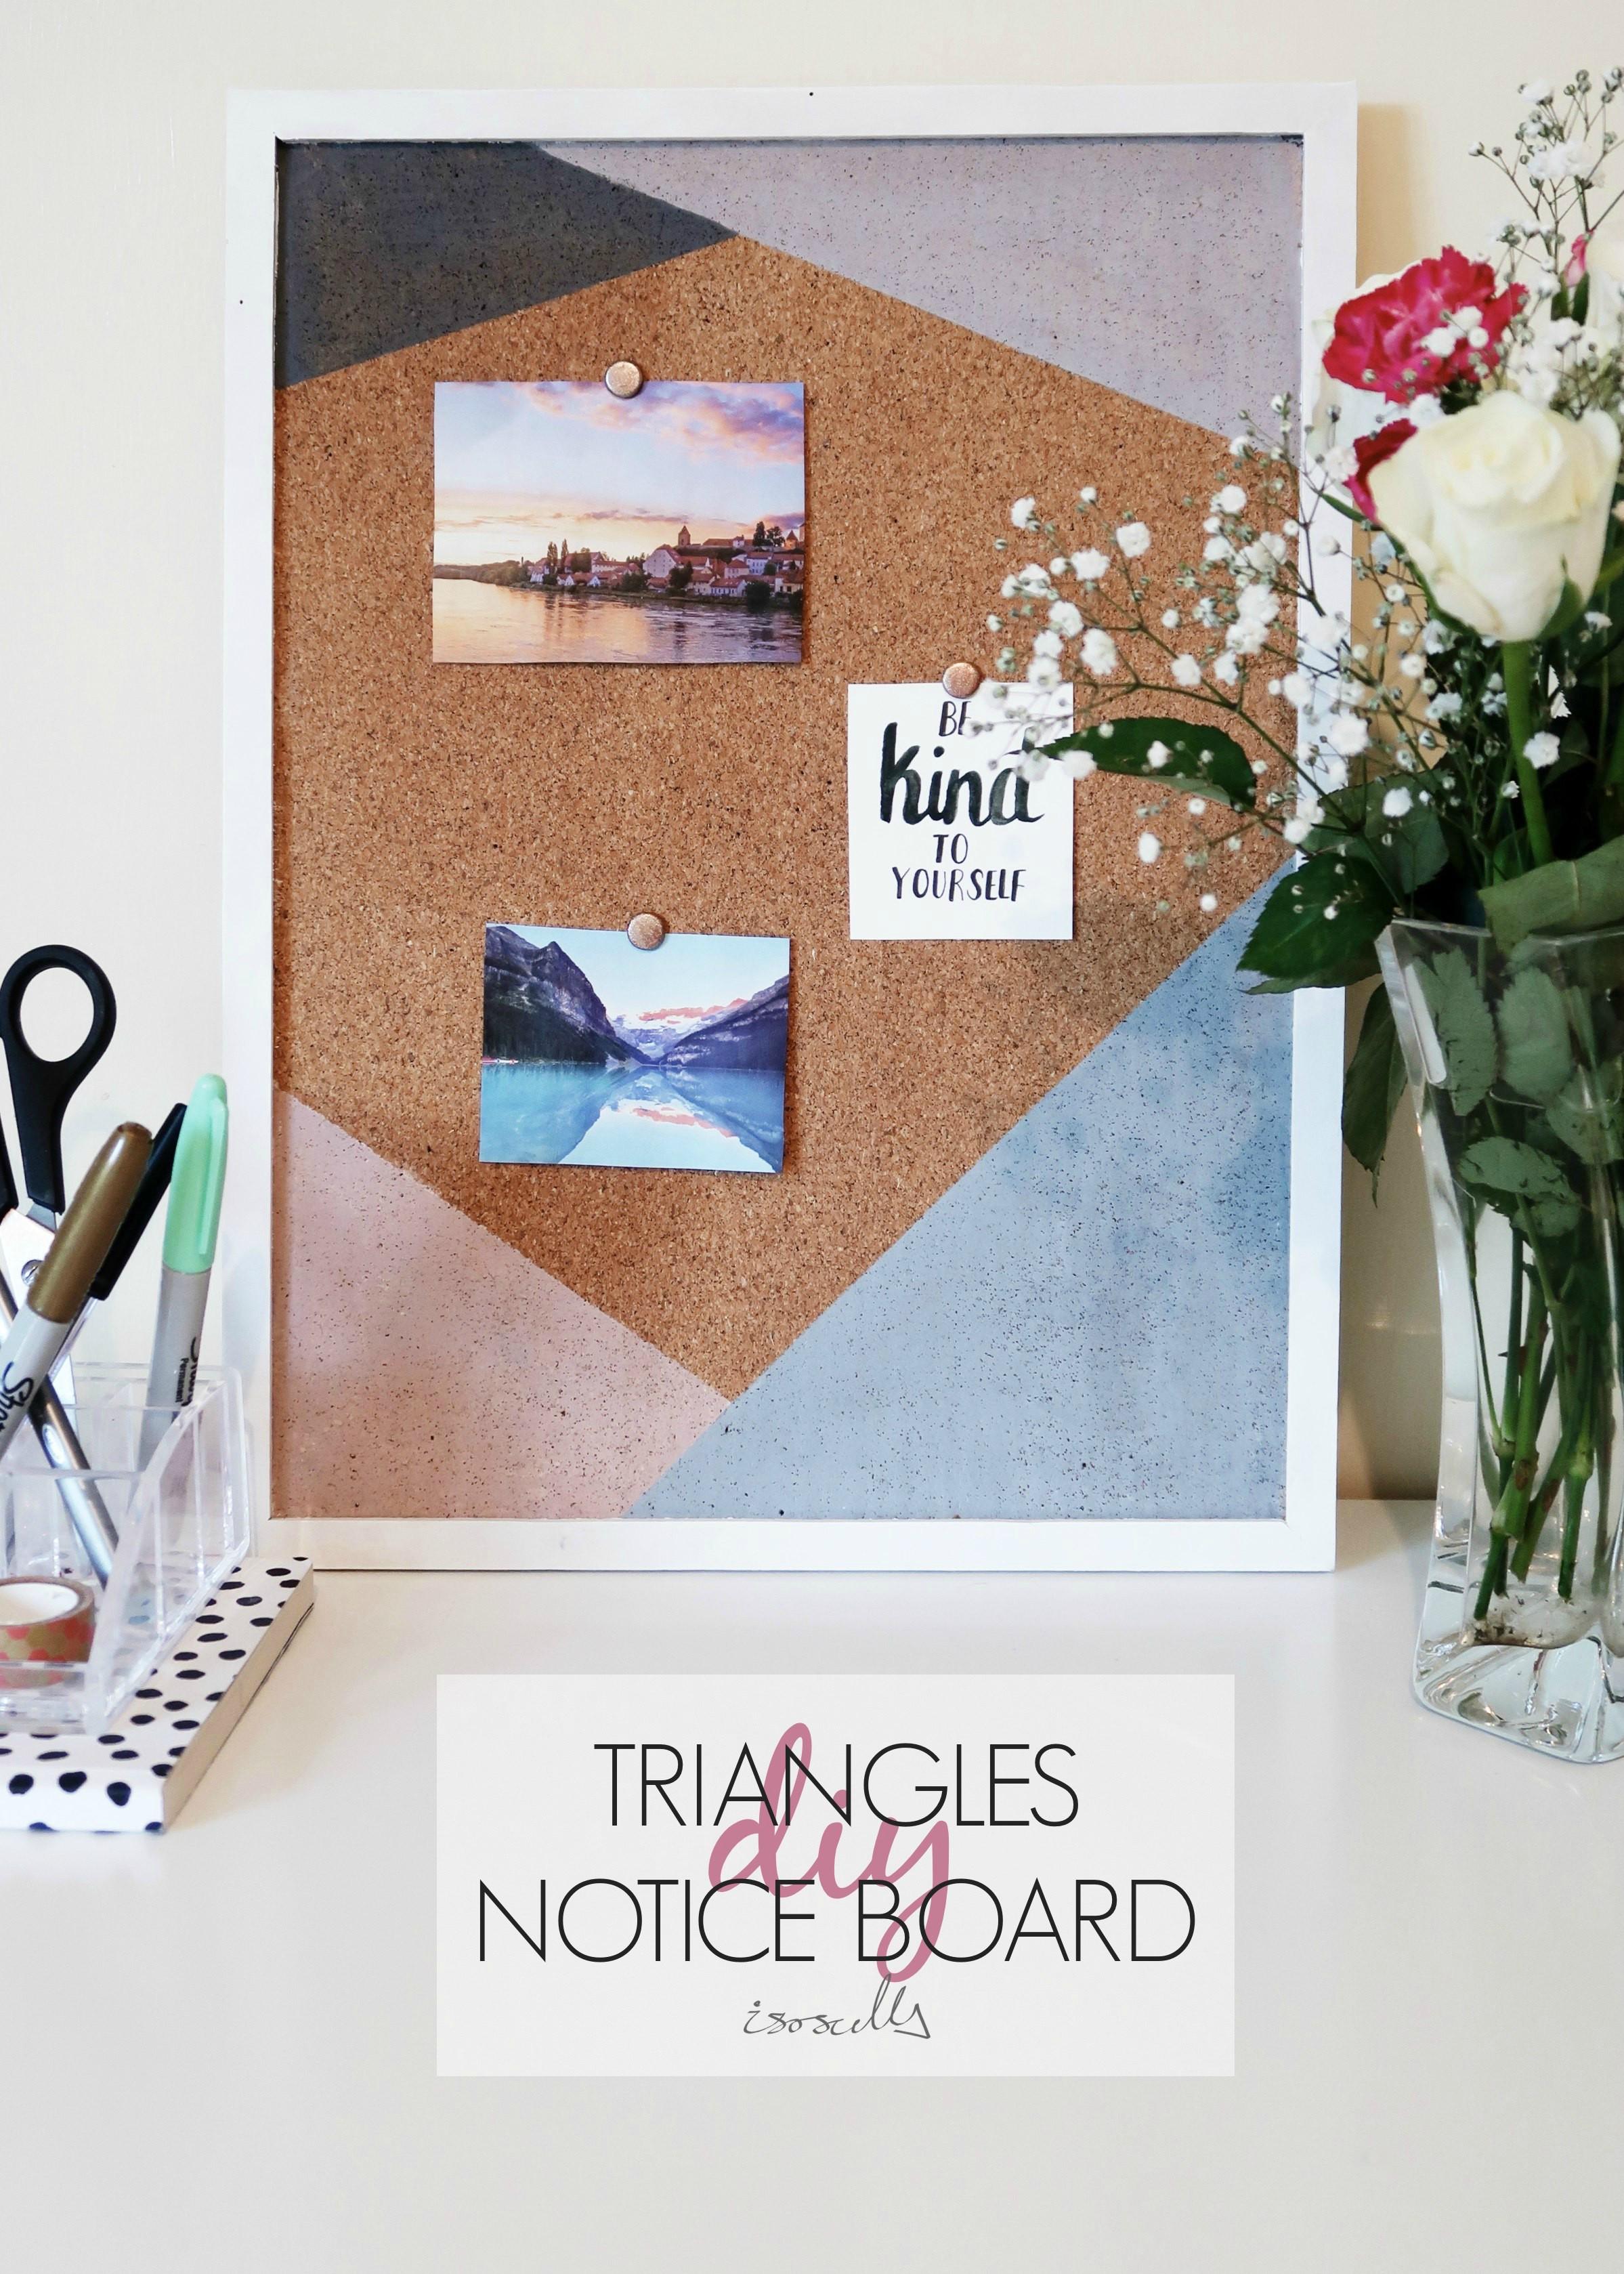 DIY Triangles Noticeboard by Isoscella